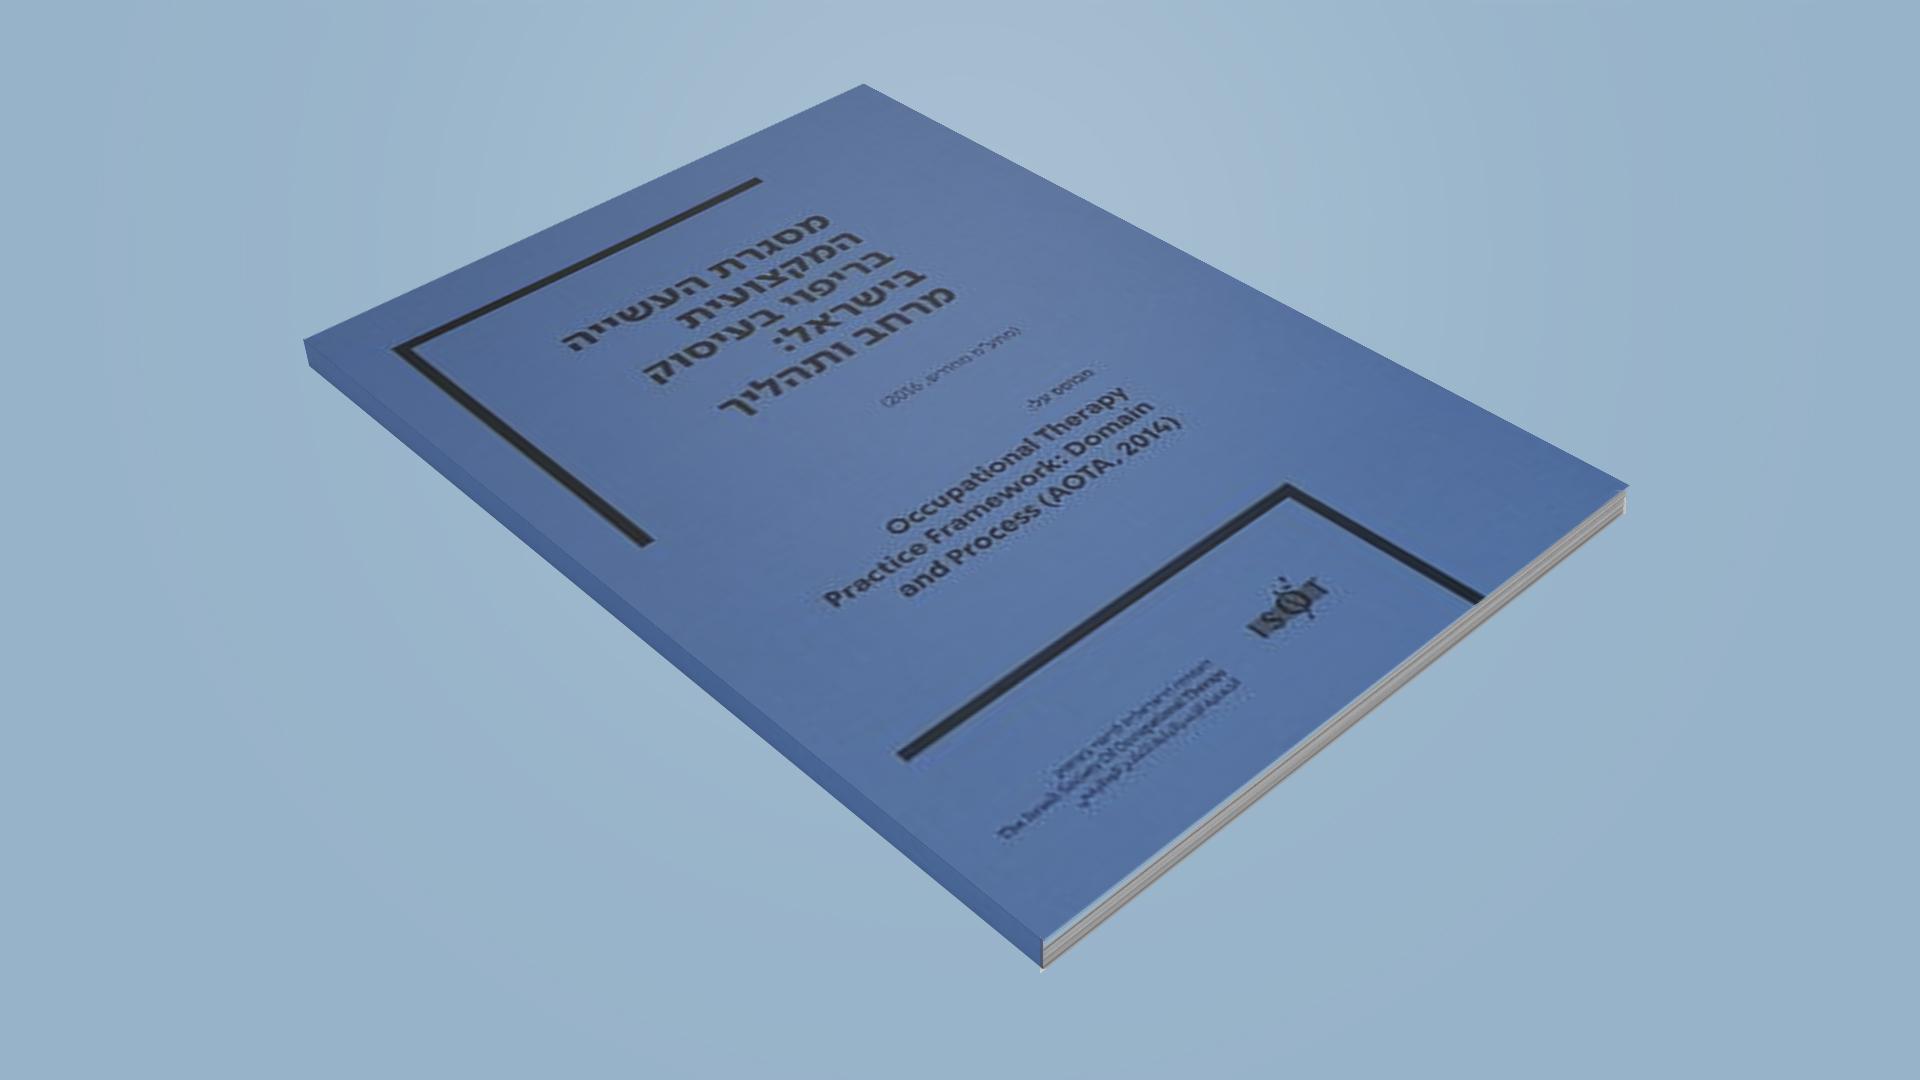 חוברת ידיעון כריכה רכה, 14 עמודי צבע